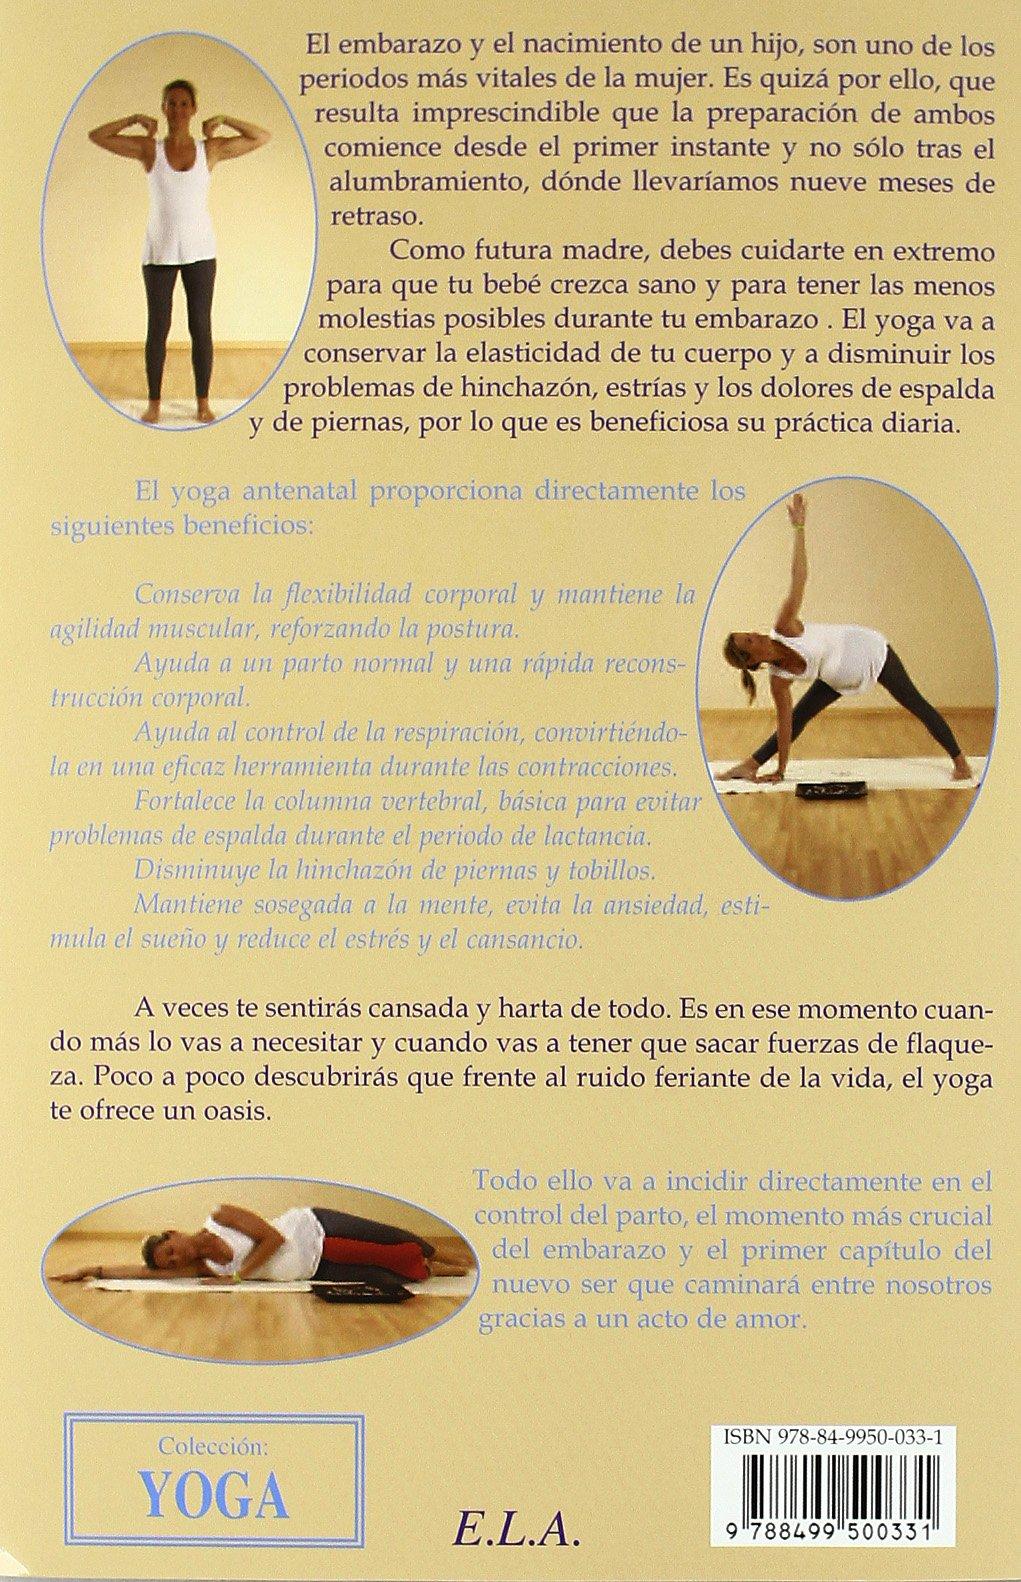 Yoga para embarazadas (+DVD) (Yoga (e.L.A.)): Amazon.es: Victor M. Flores: Libros